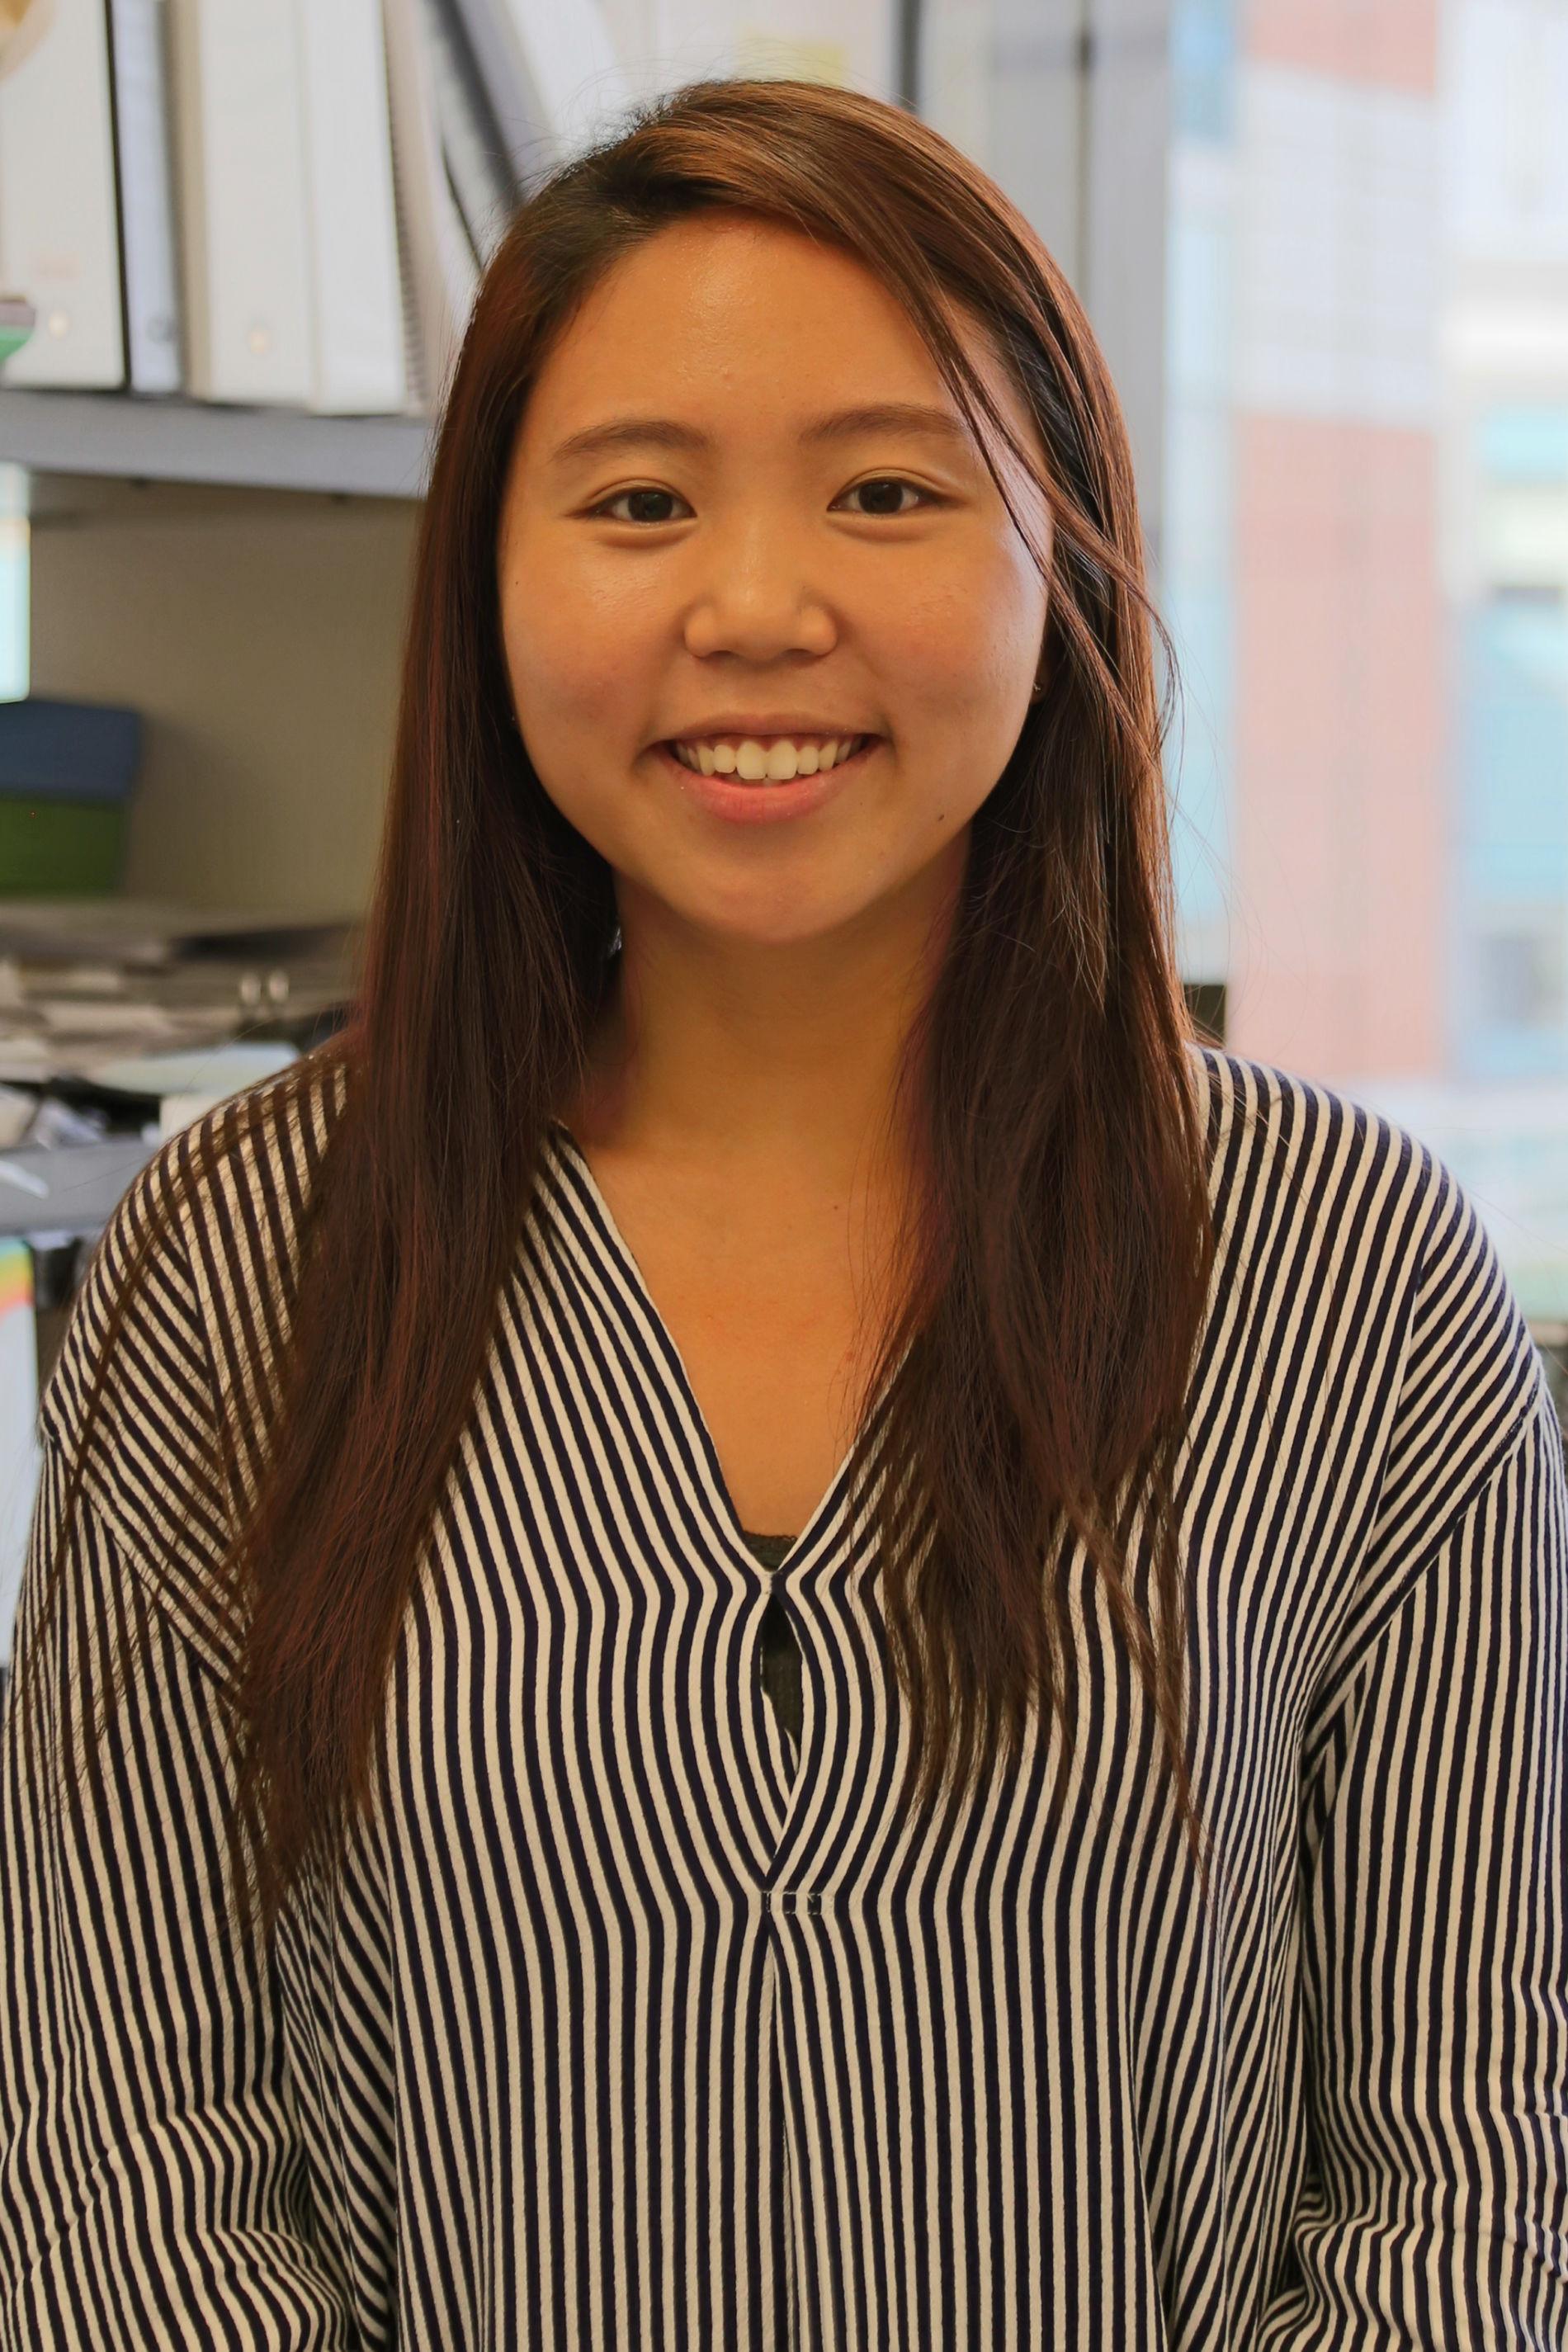 Stephanie Kim - Research Technician